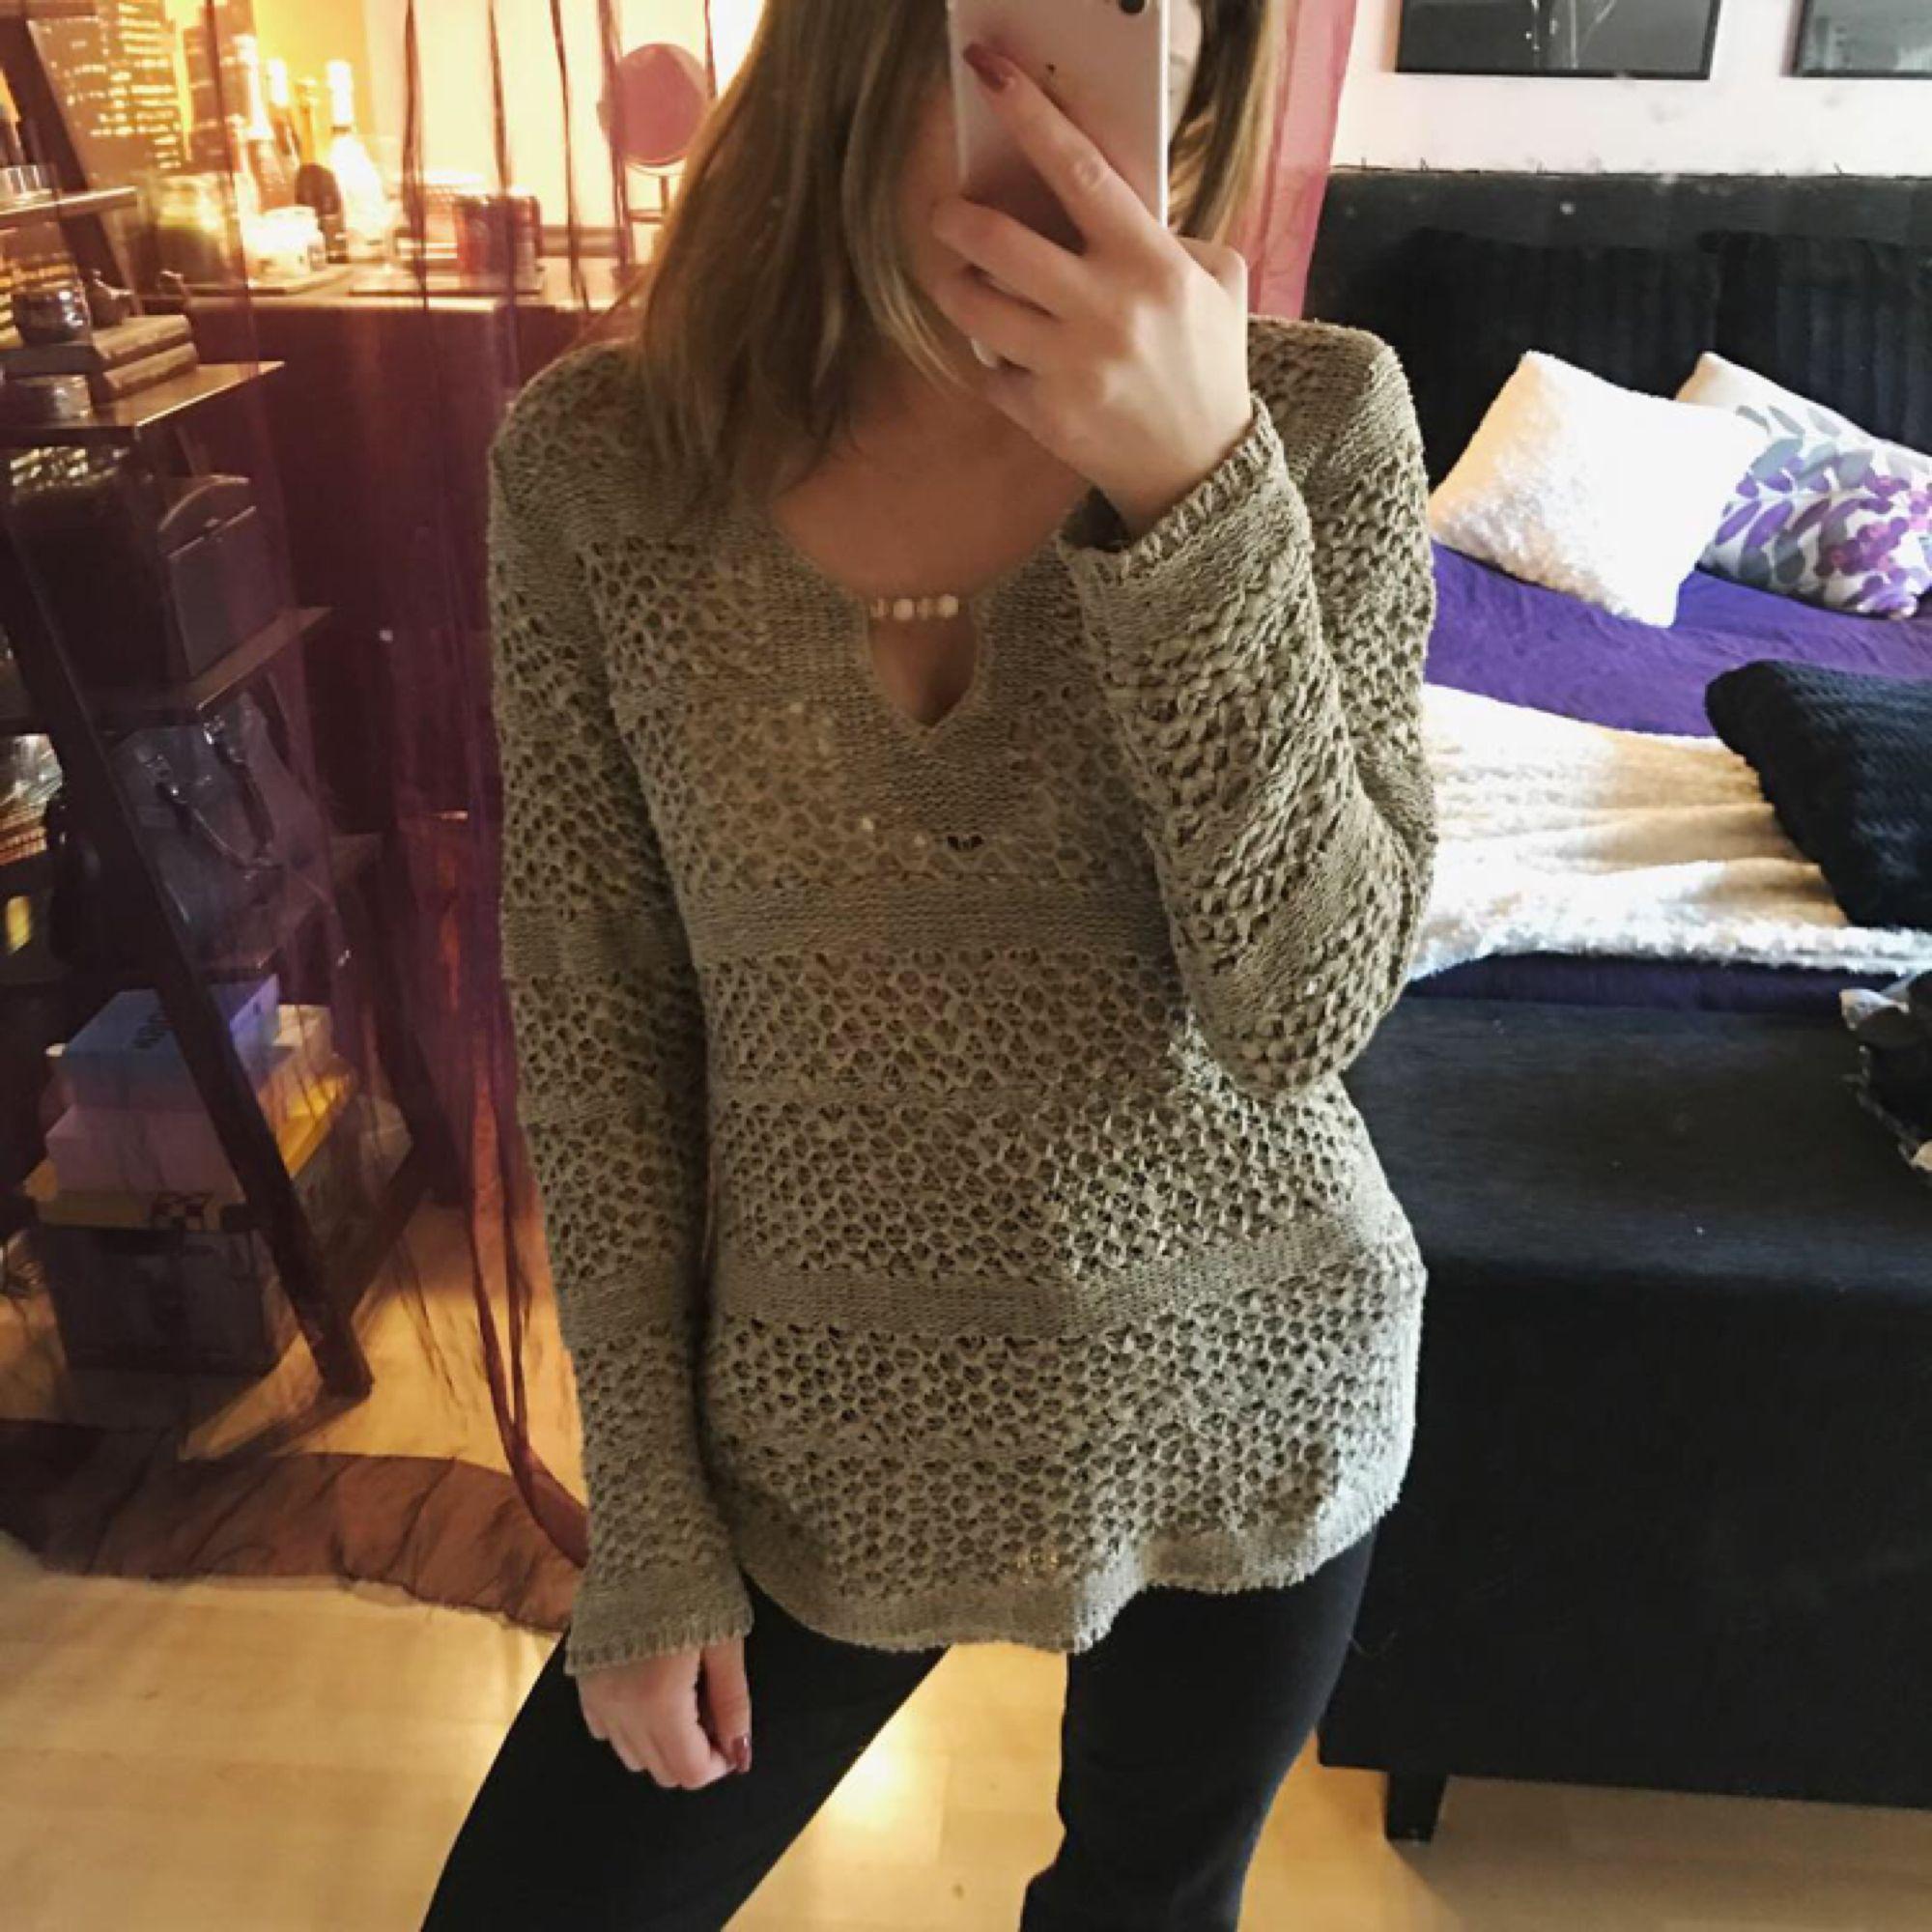 Säljer denna så fina ljusbruna stickade tröjan ifrån Isolde. Perfekt nu till hösten. 💕 Stoleken är M men passar även XS/S om man vill ha den lite oversize som på bilden! Aldrig använd. . Tröjor & Koftor.